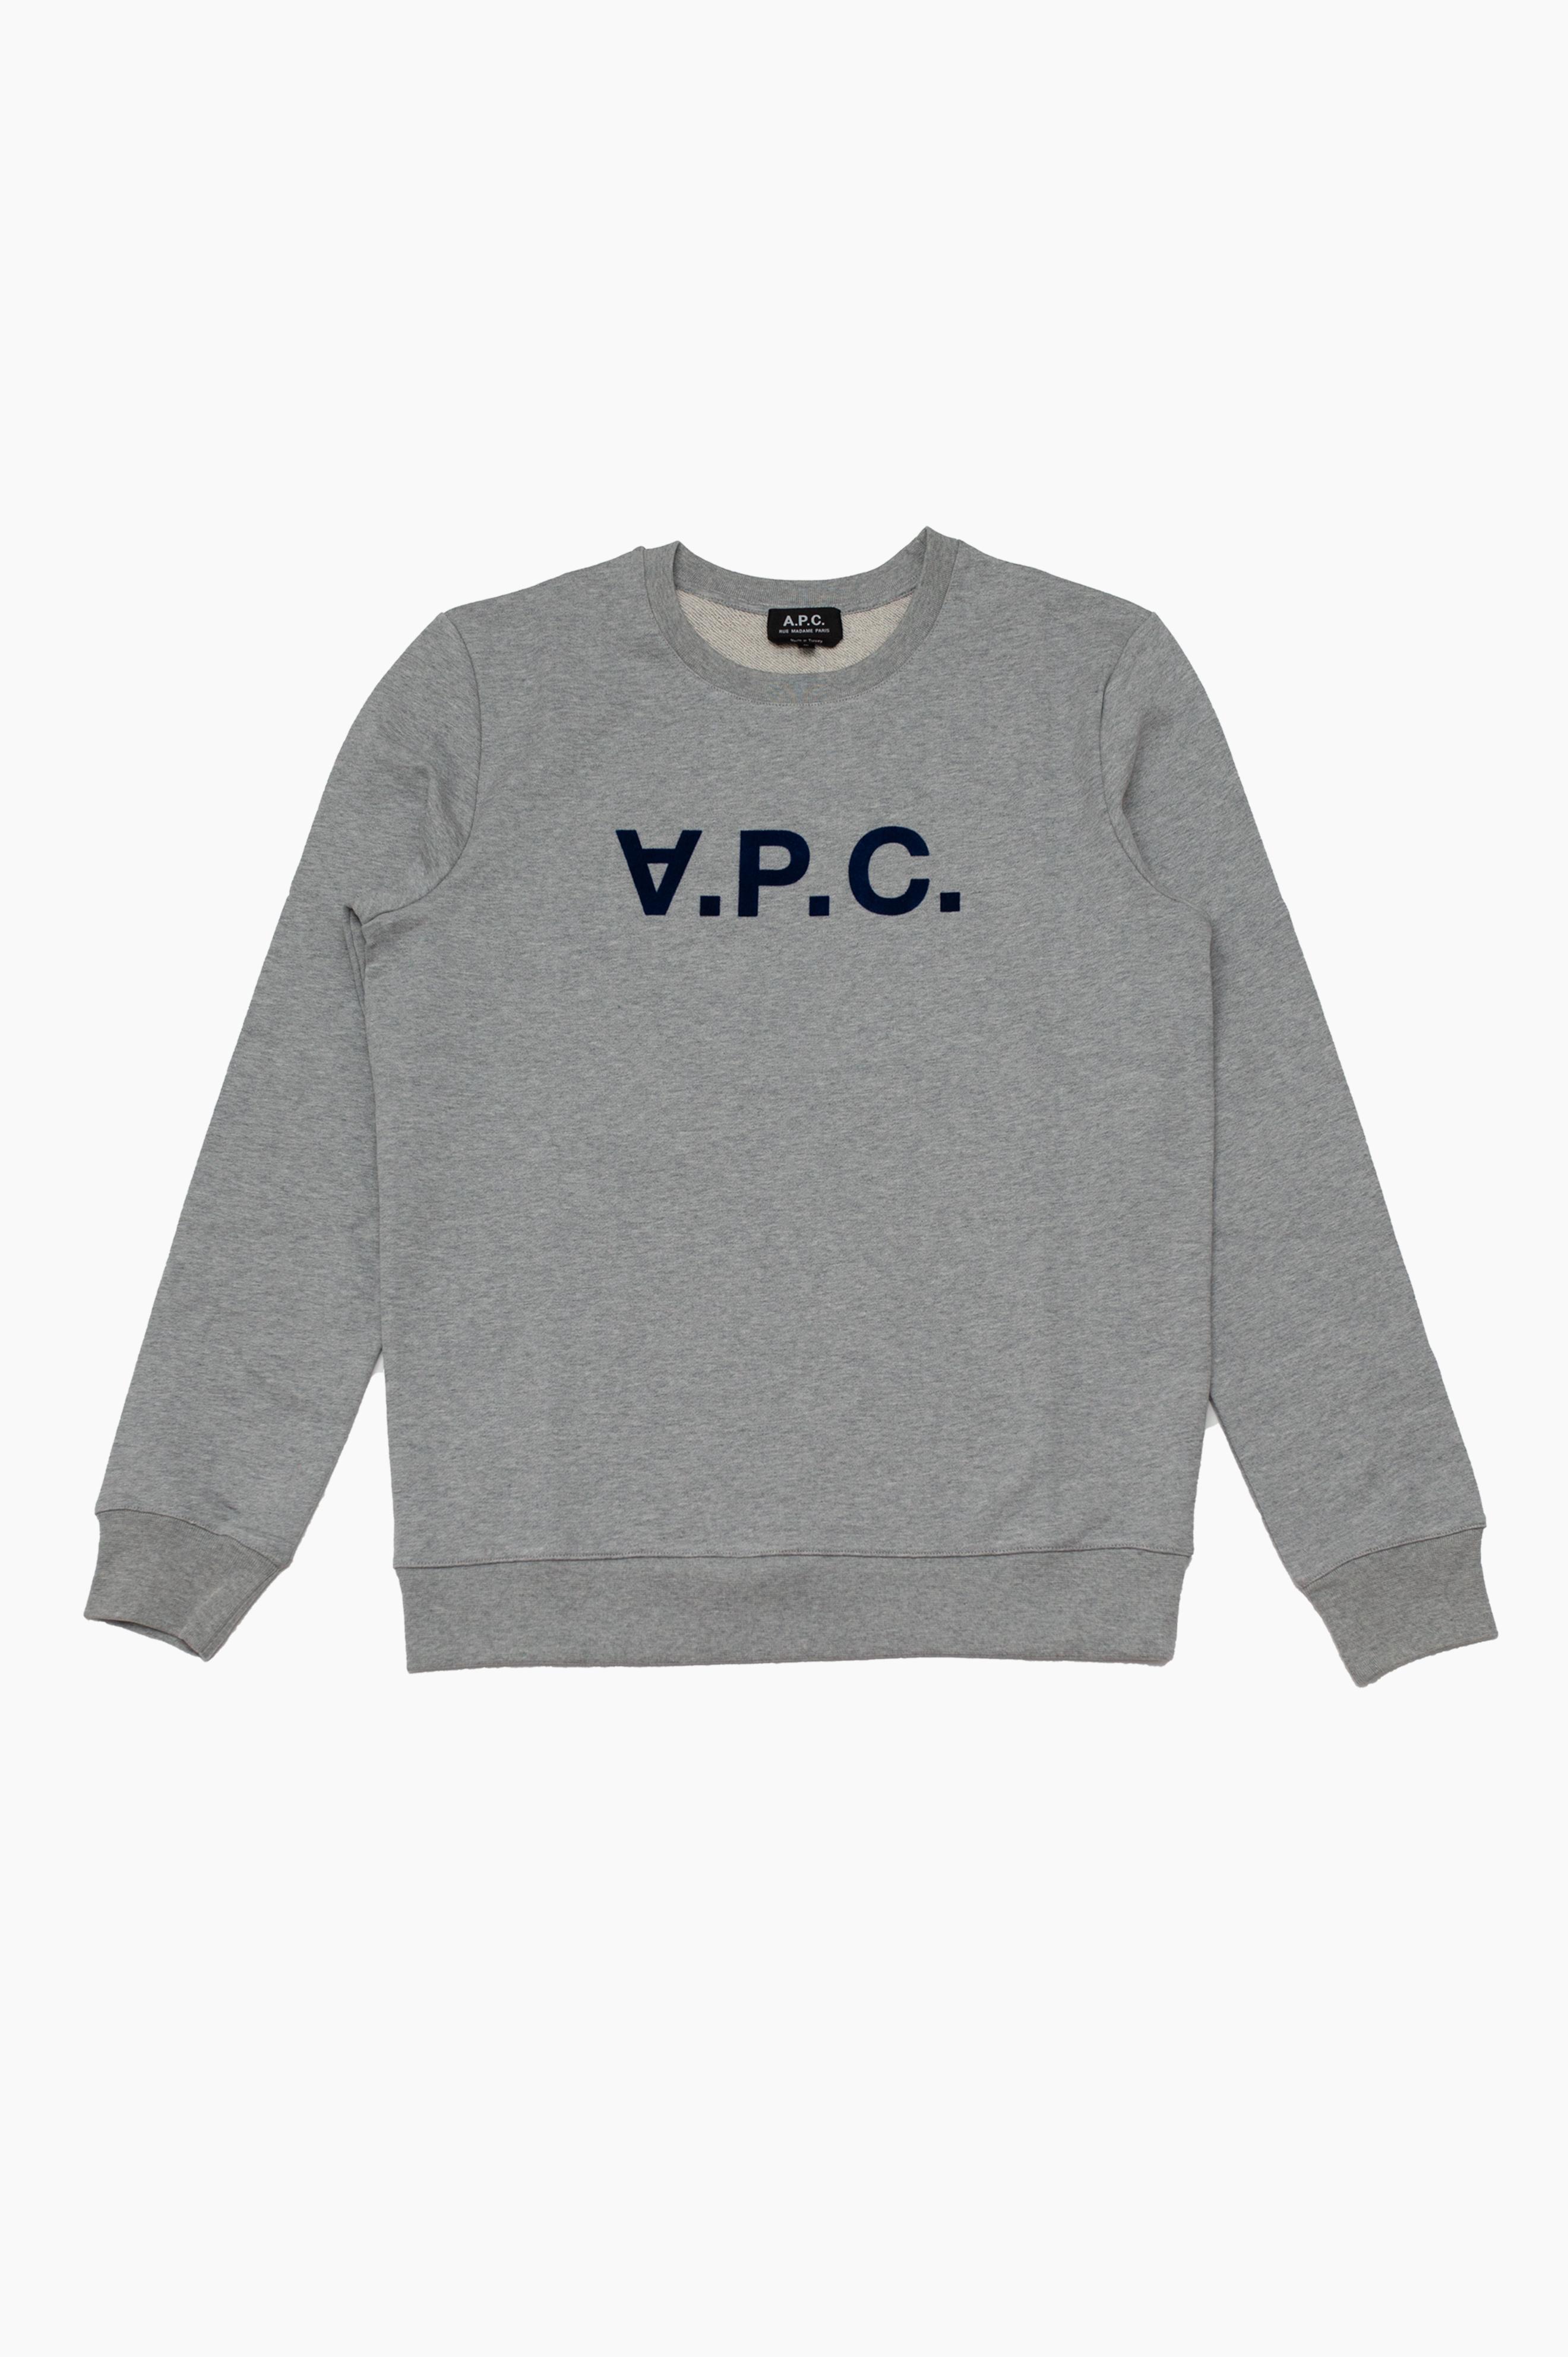 V.P.C. Sweatshirt Grey